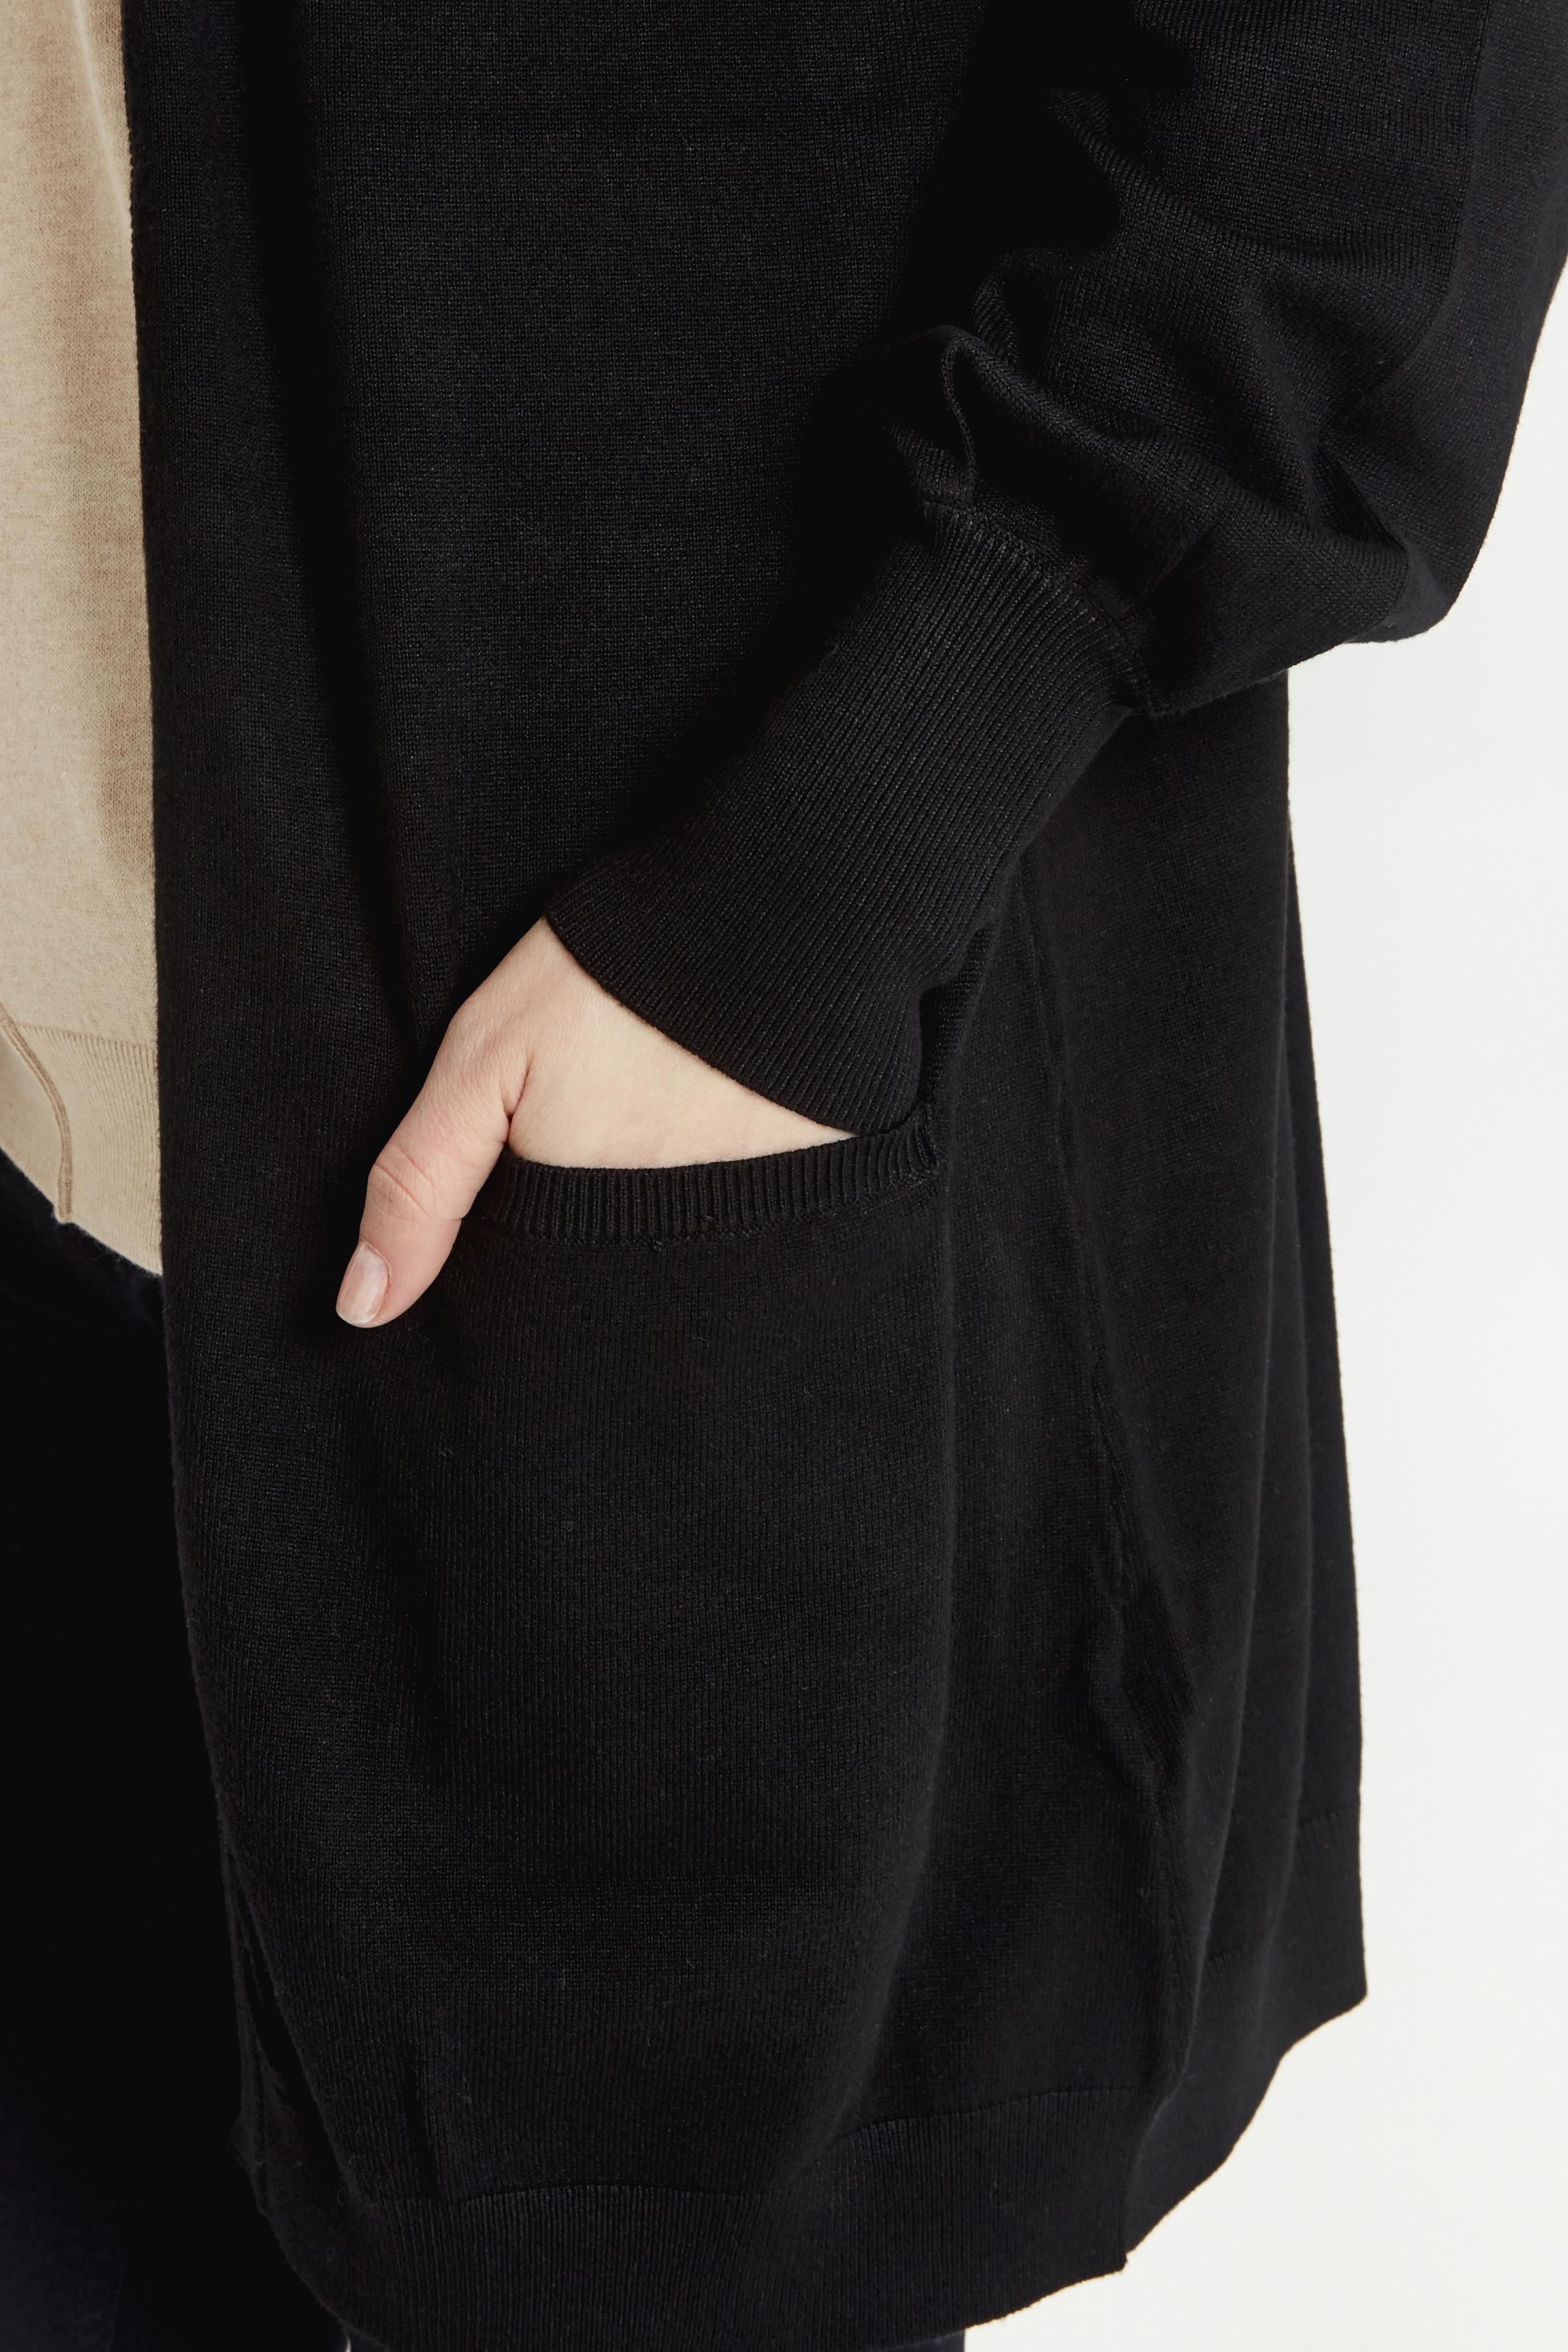 Black Strickpullover von b.young – Kaufen Sie Black Strickpullover aus Größe XS-XXL hier